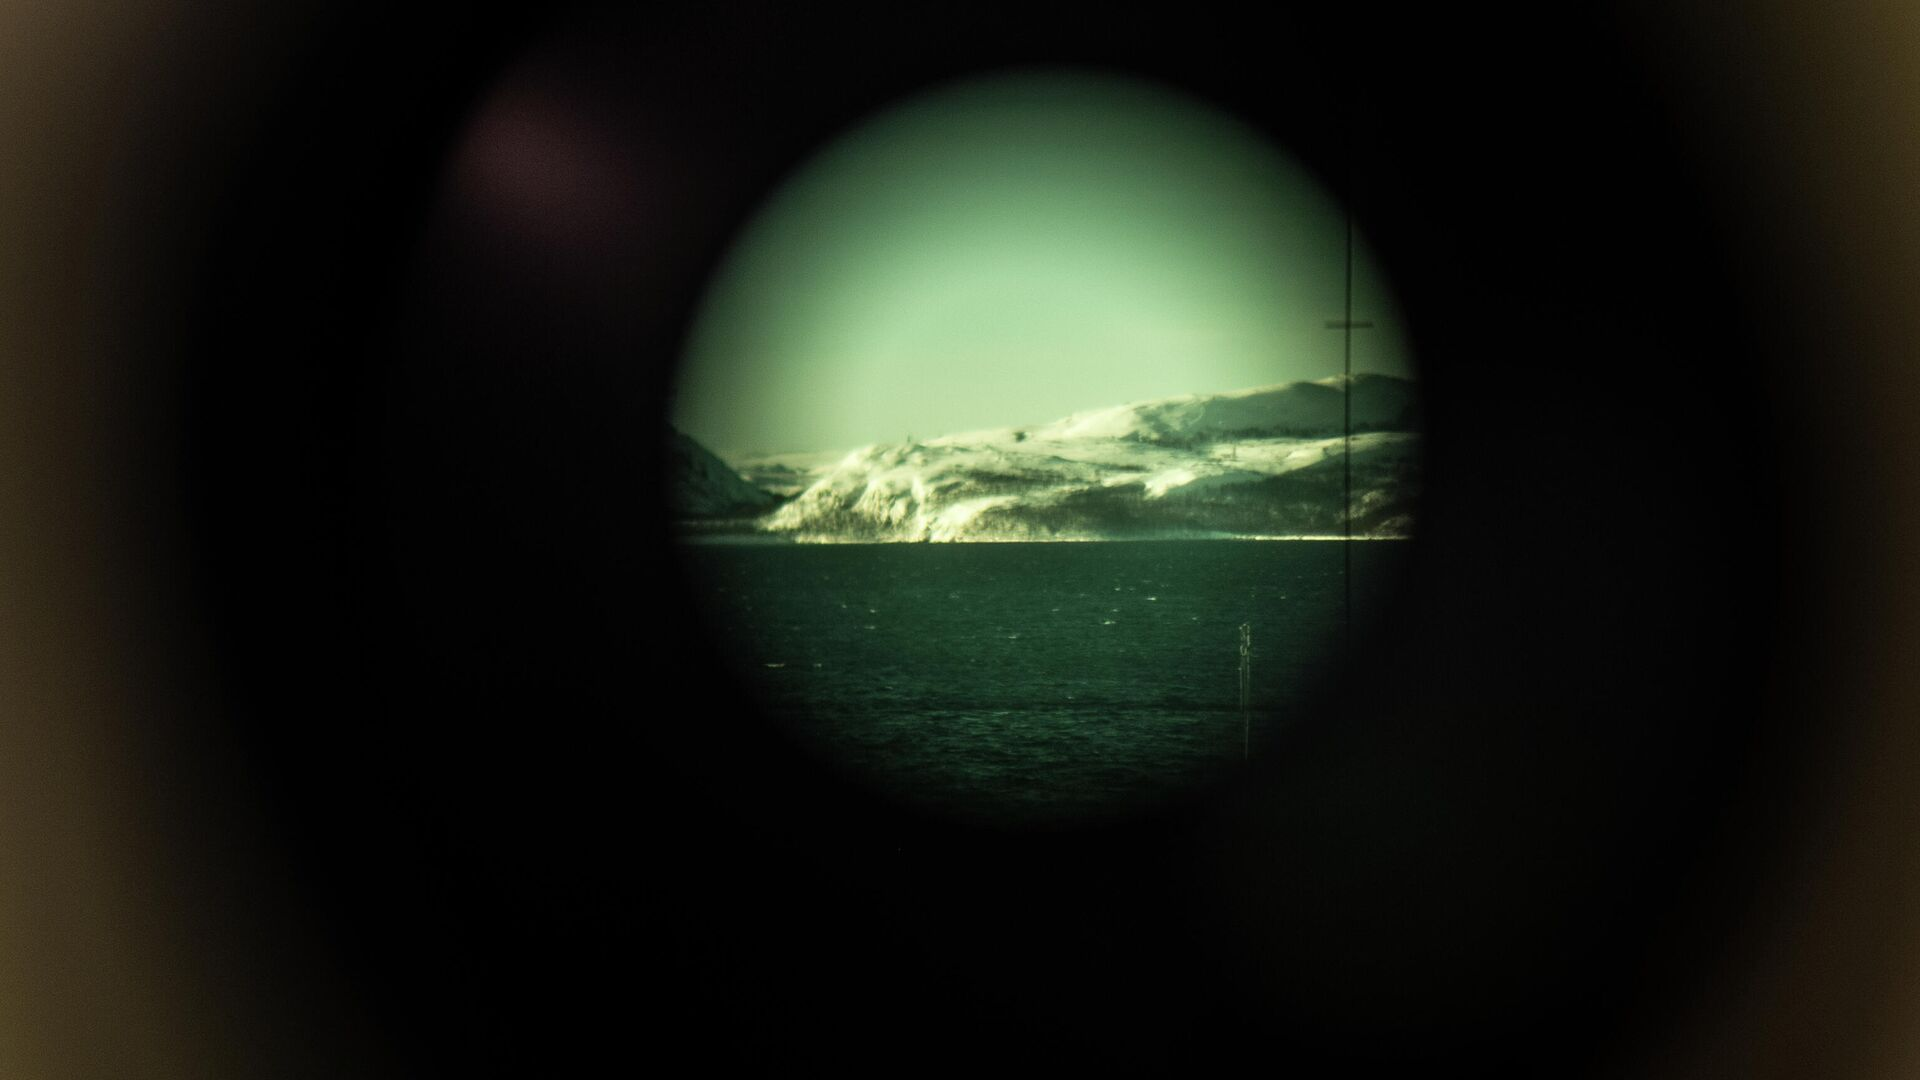 Вид через перископ атомной подводной лодки Северодвинск - РИА Новости, 1920, 22.03.2021